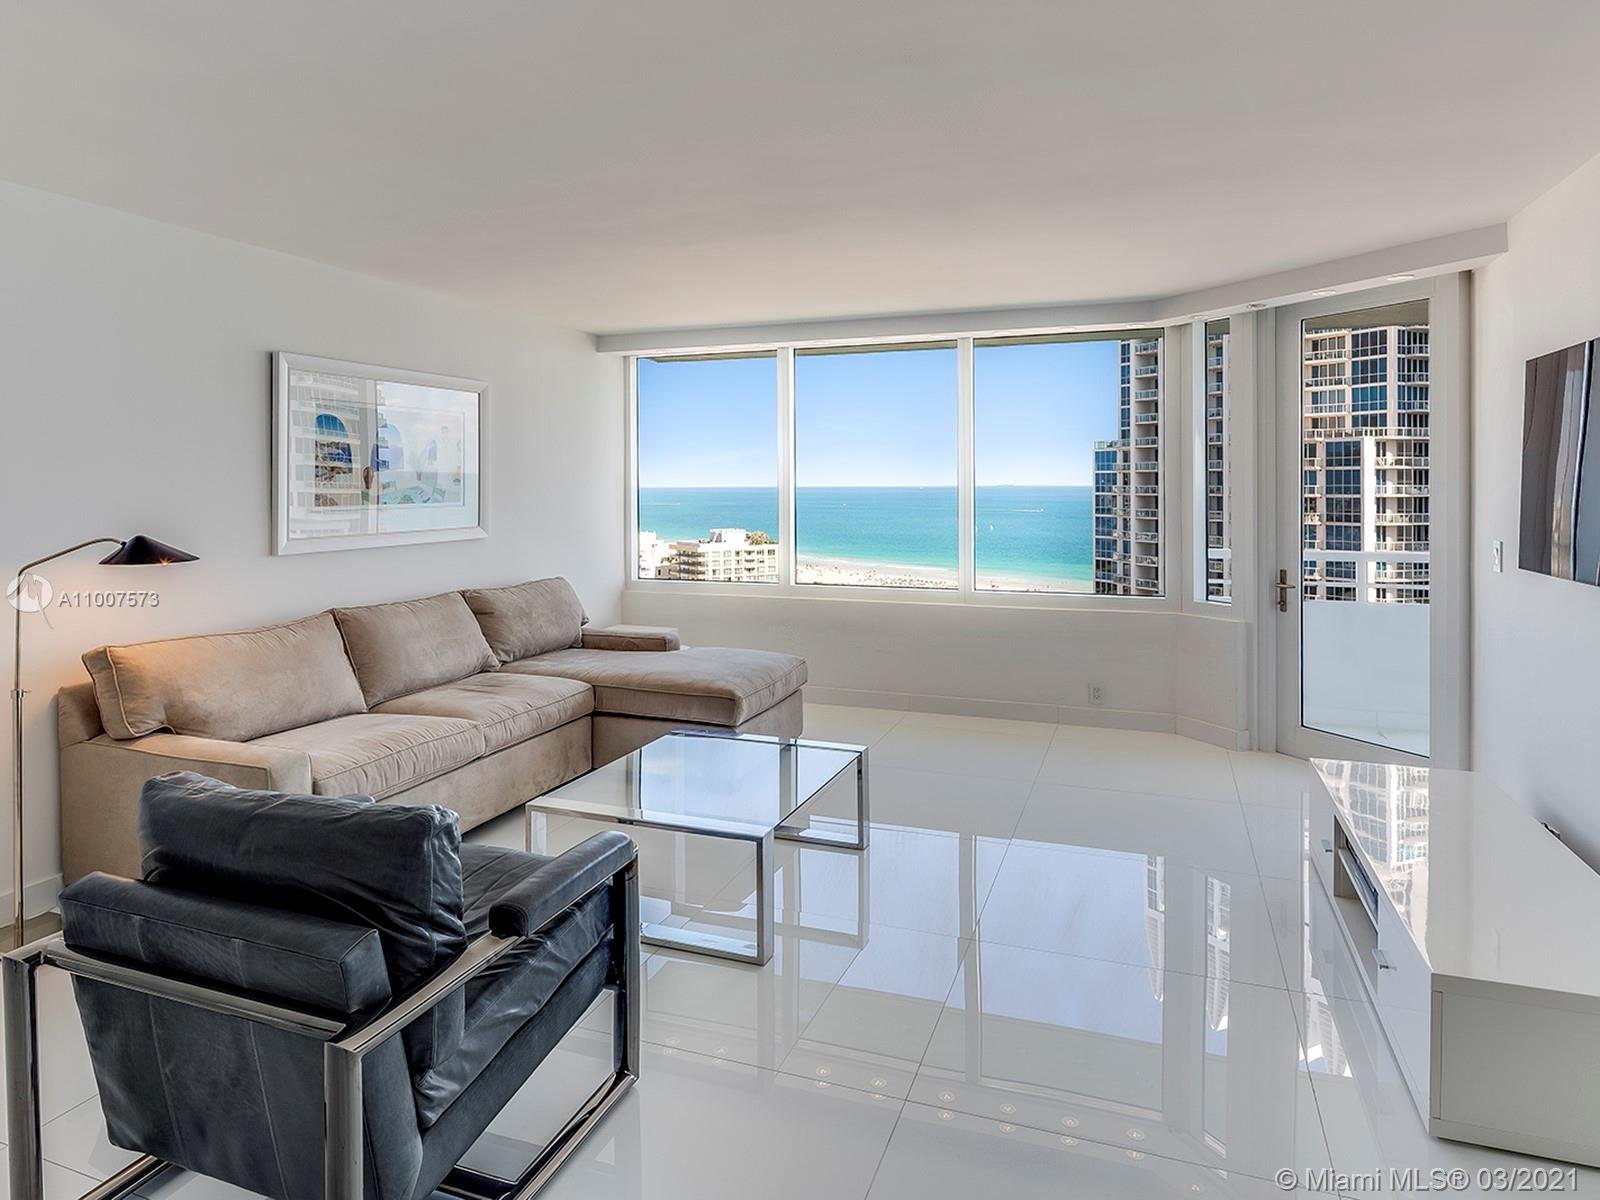 400 S Pointe Dr #2008, Miami Beach, FL 33139 - #: A11007573